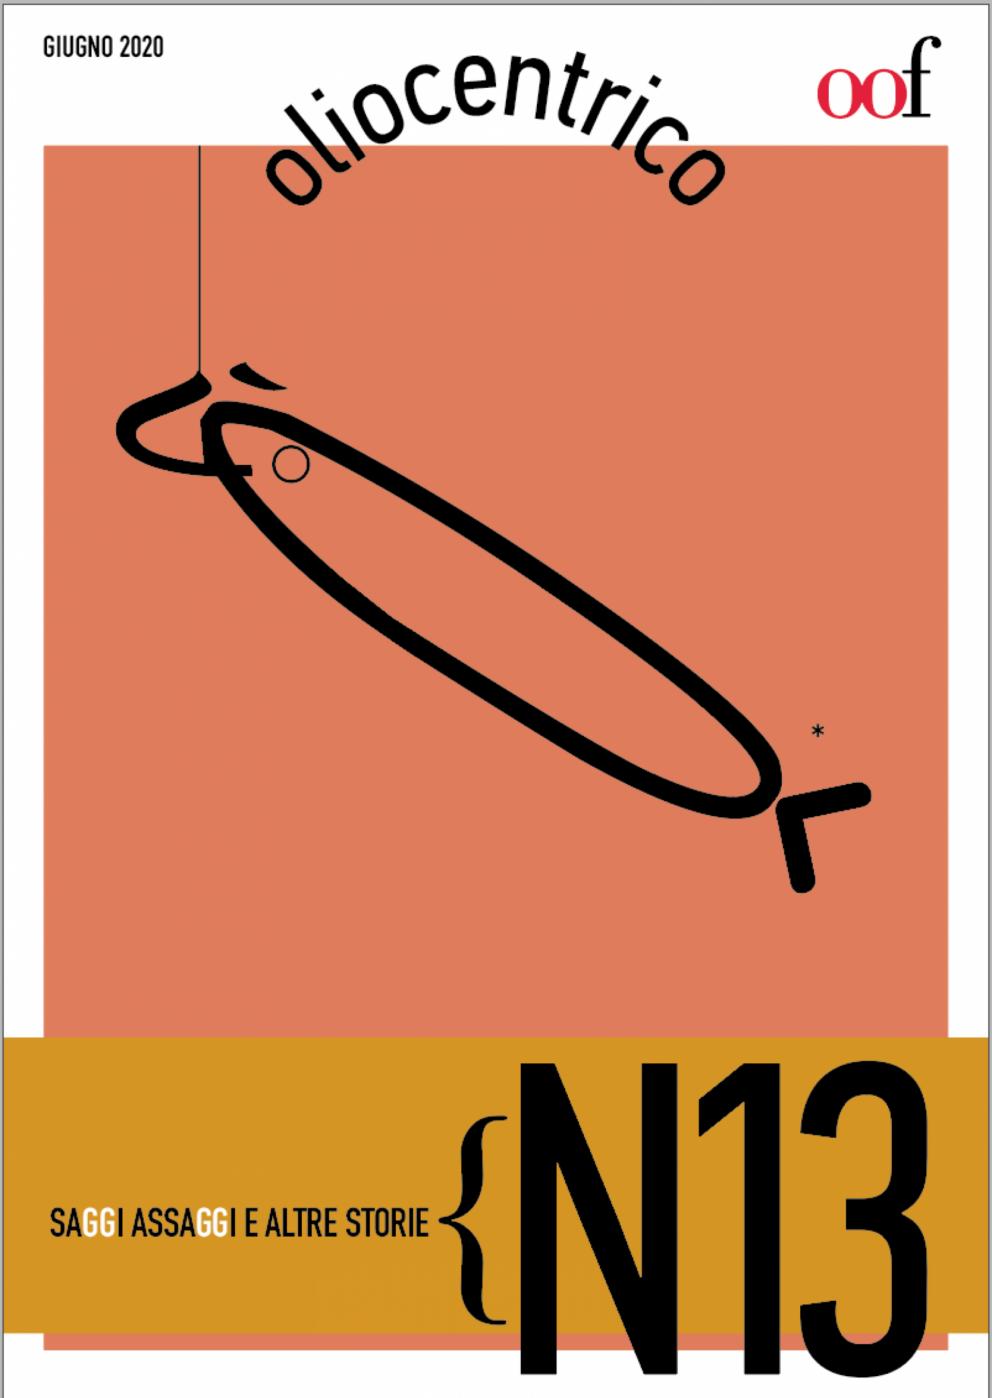 Oliocentrico N. 13